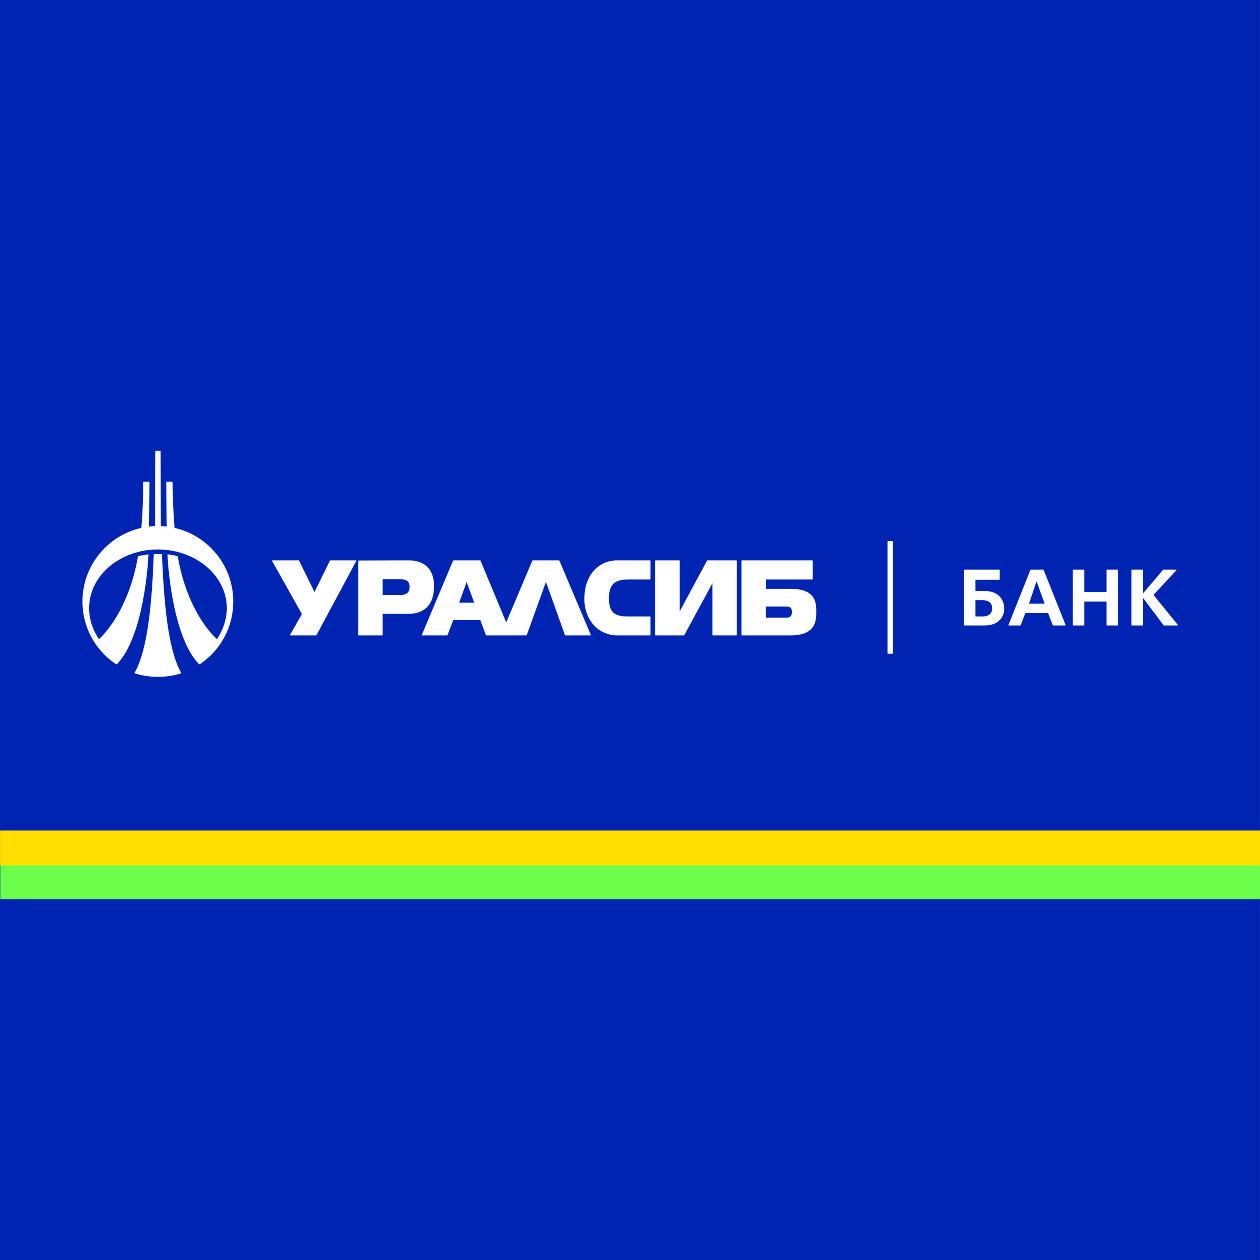 Банк УРАЛСИБ вошел в Топ-10 крупнейших автокредитных банков  в первом полугодии 2020 года